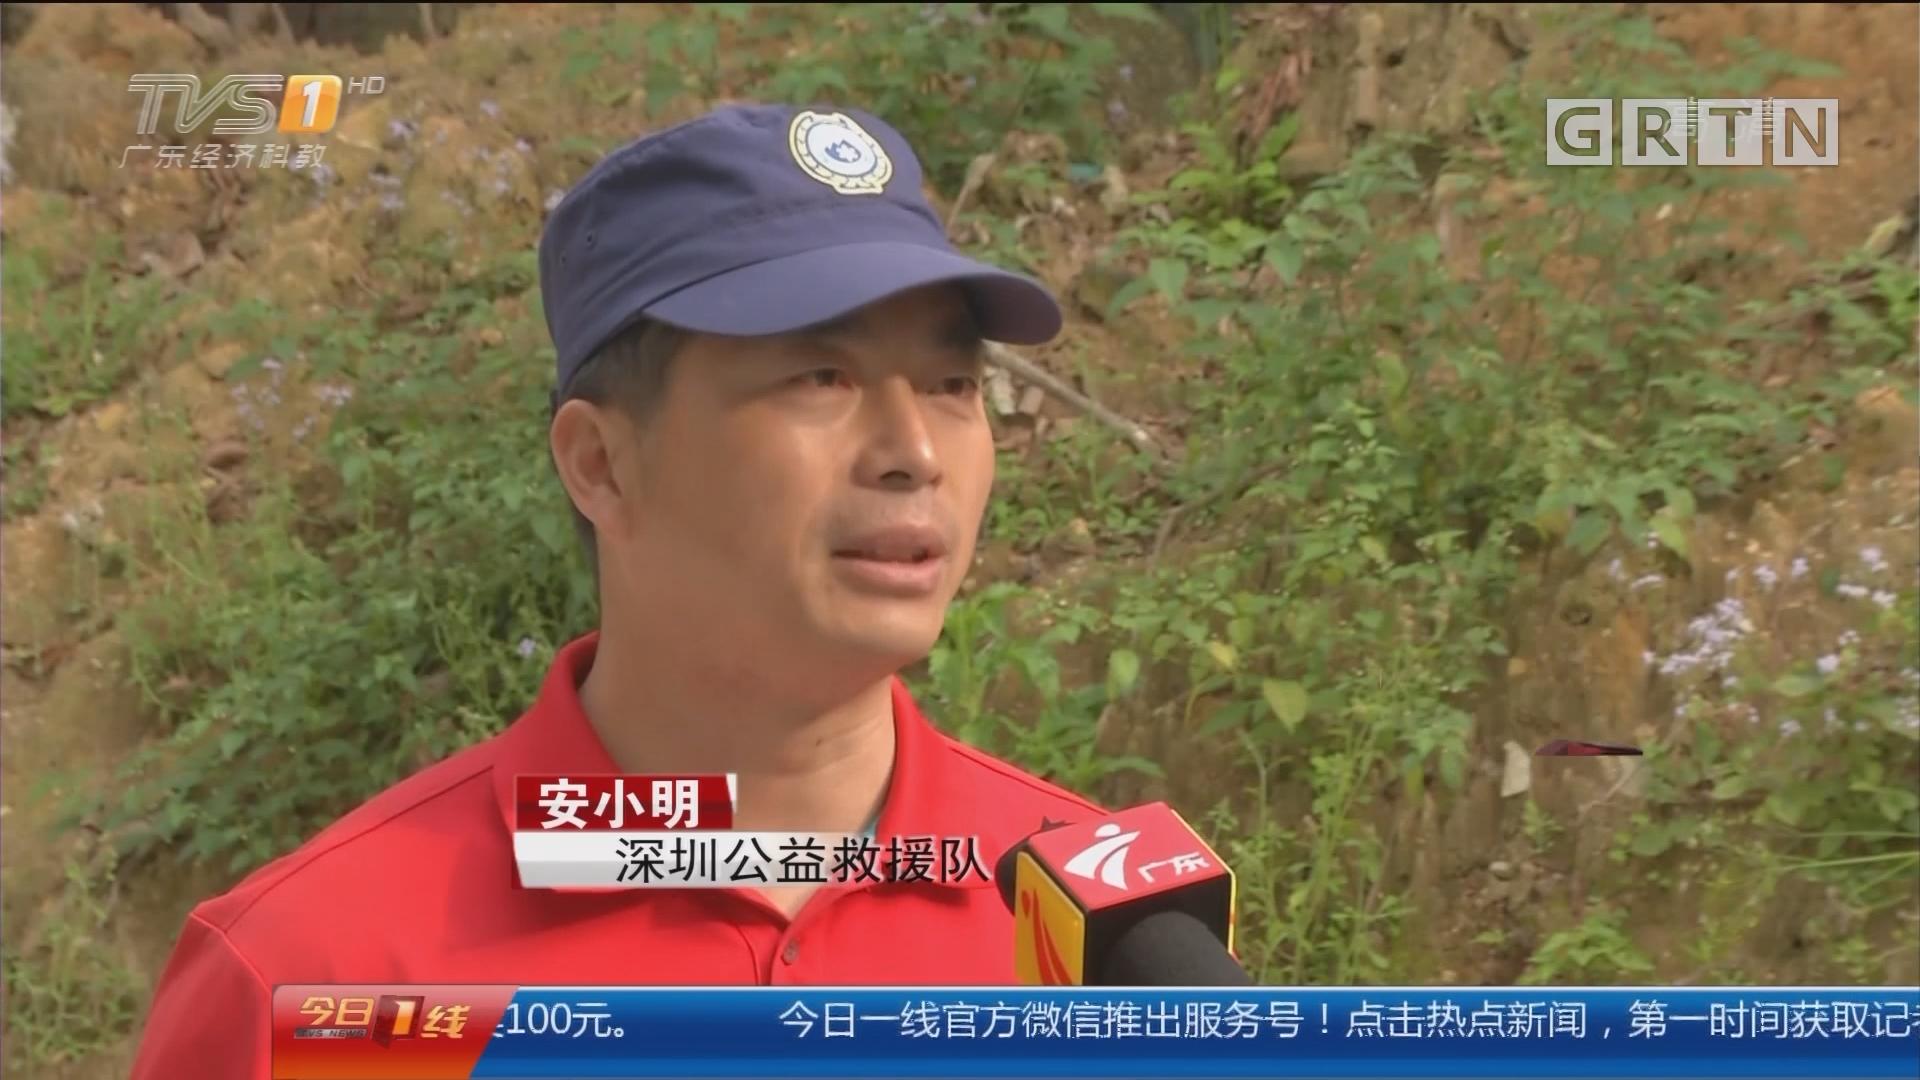 深圳大鹏新区:拍照不慎 驴友滑落悬崖